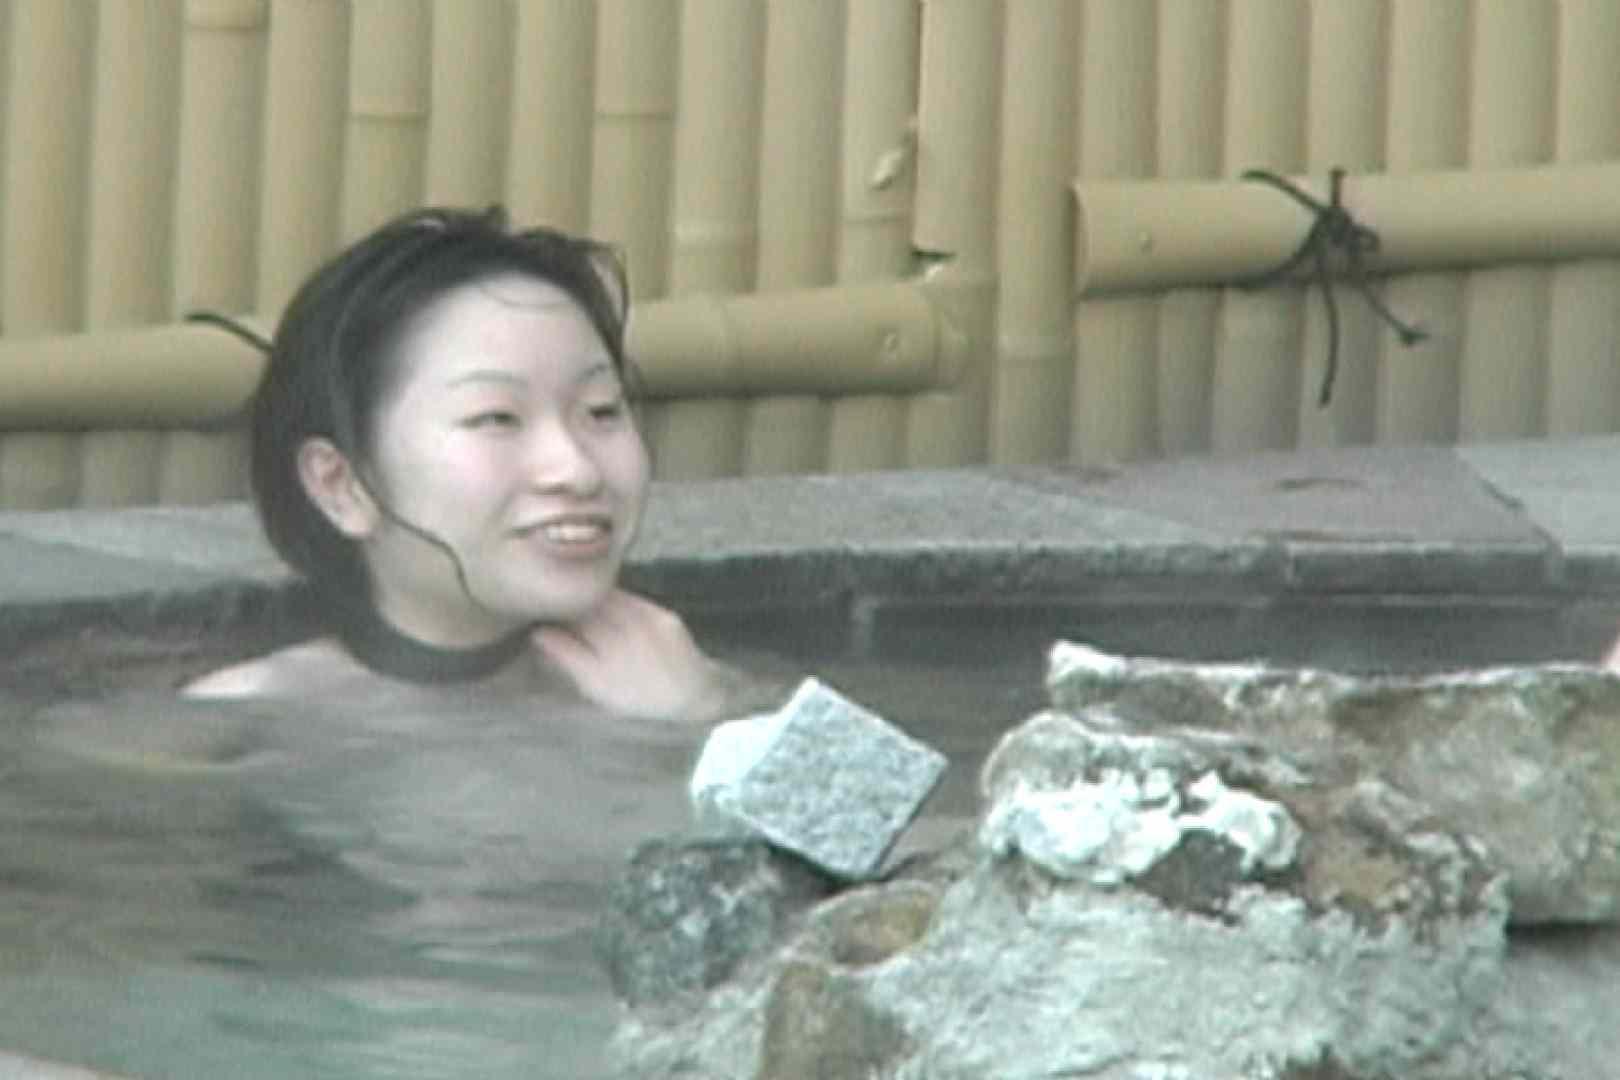 Aquaな露天風呂Vol.595 エロいOL アダルト動画キャプチャ 57枚